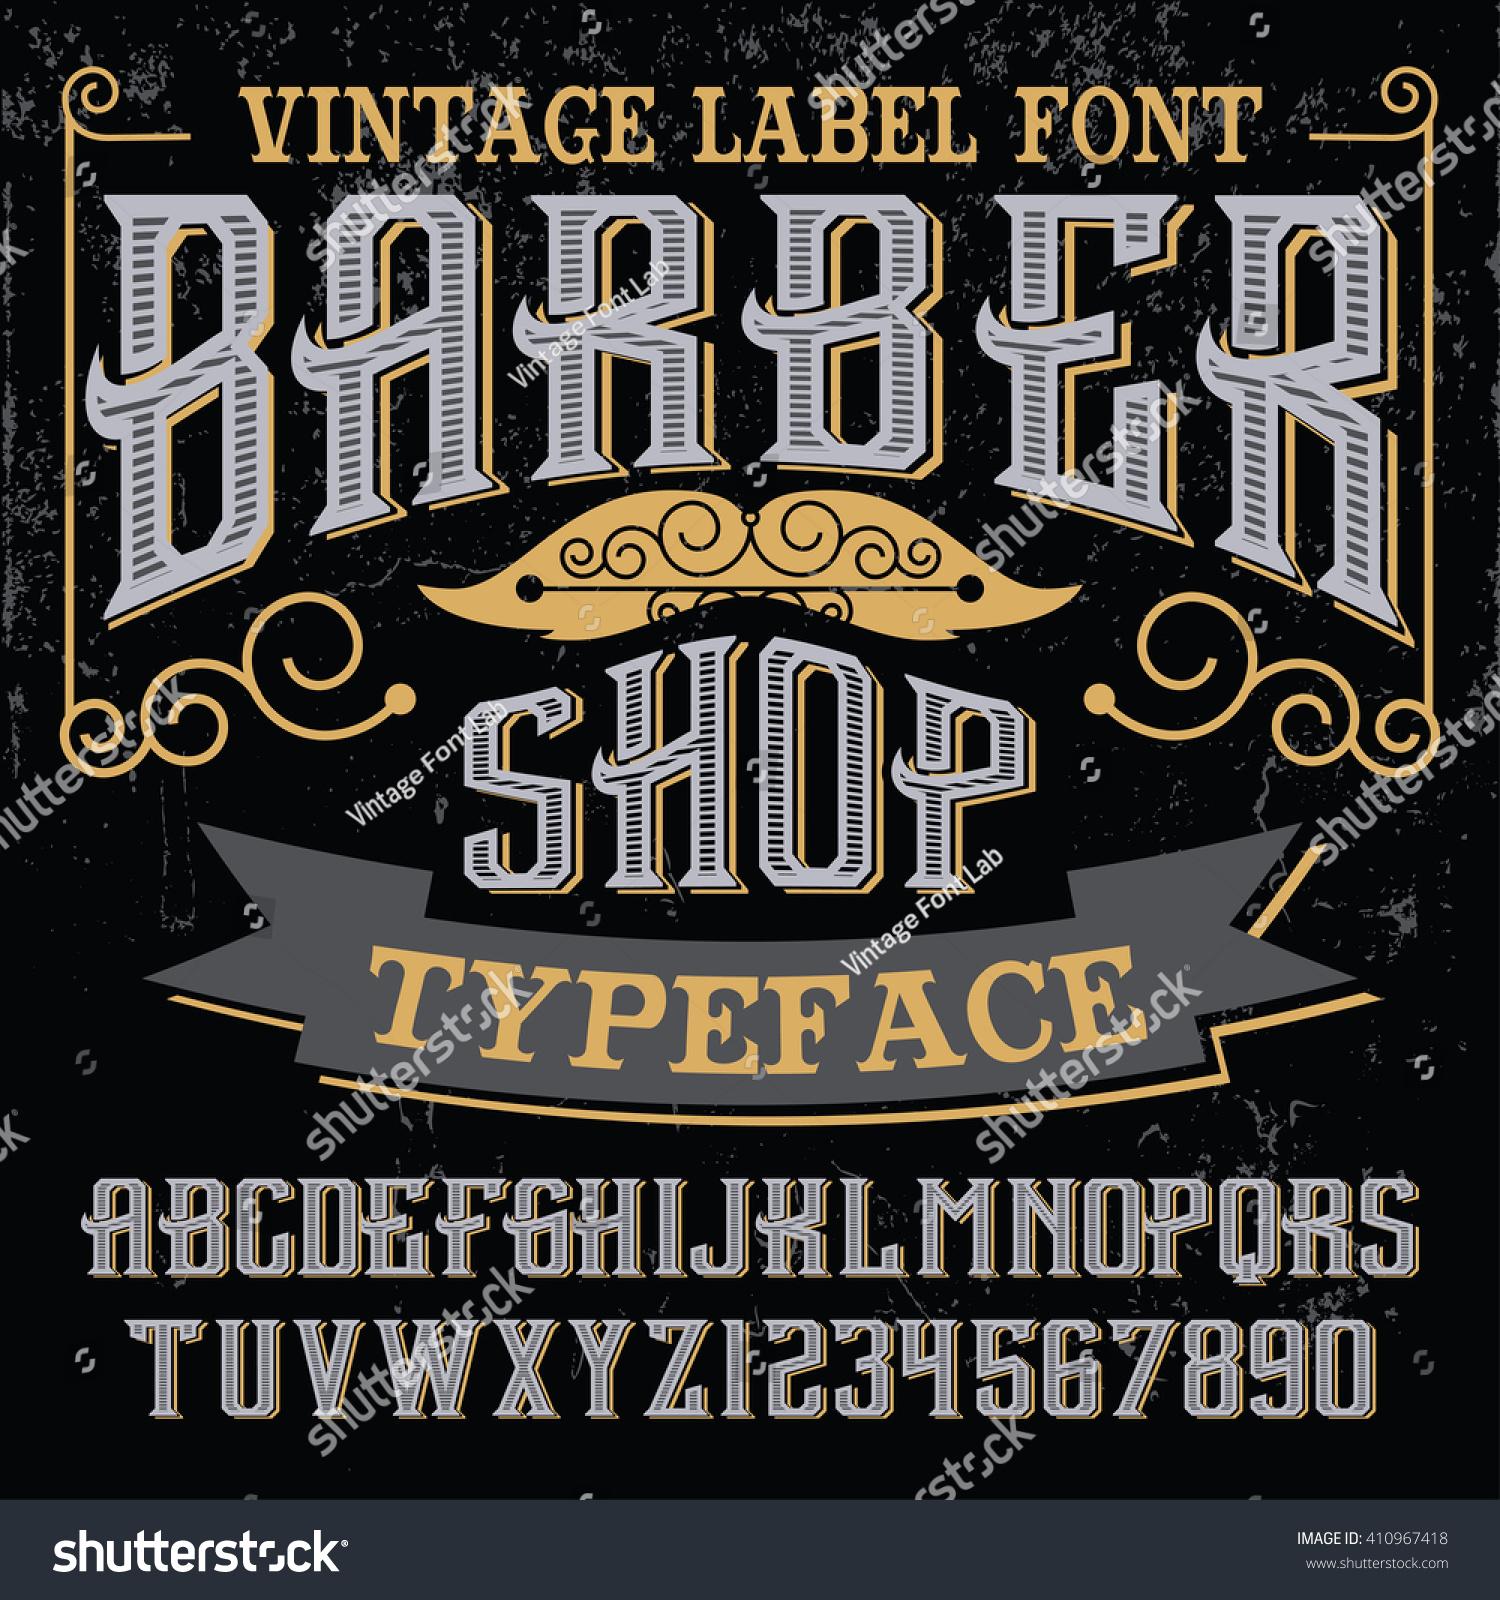 Barber Font : Vintage Label Font - Barber Shop - Vector Font, Vintage Label Font ...